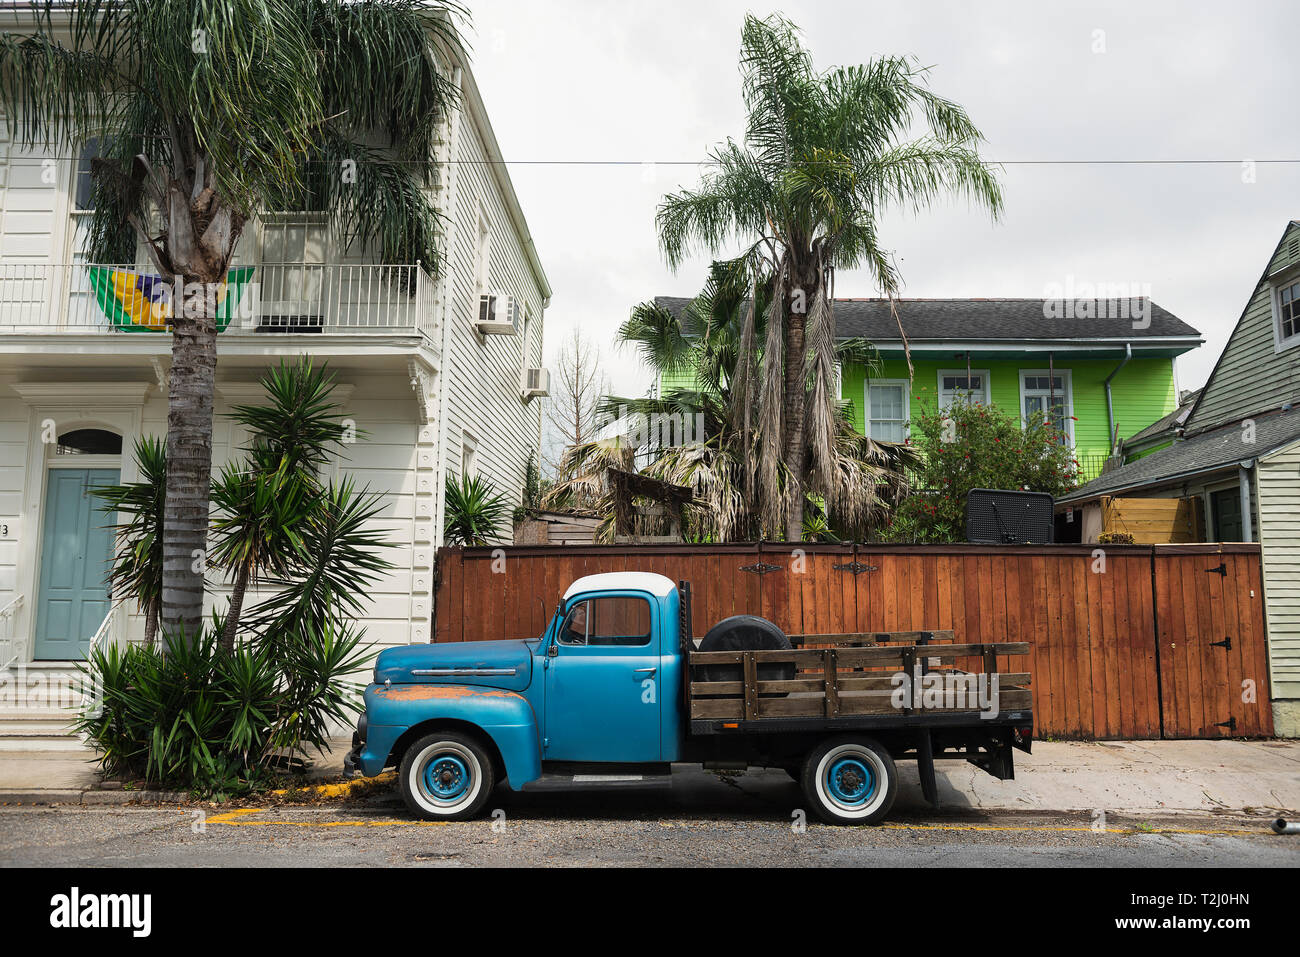 El vecindario de Bywater en Nueva Orleans, Luisiana. Foto de stock